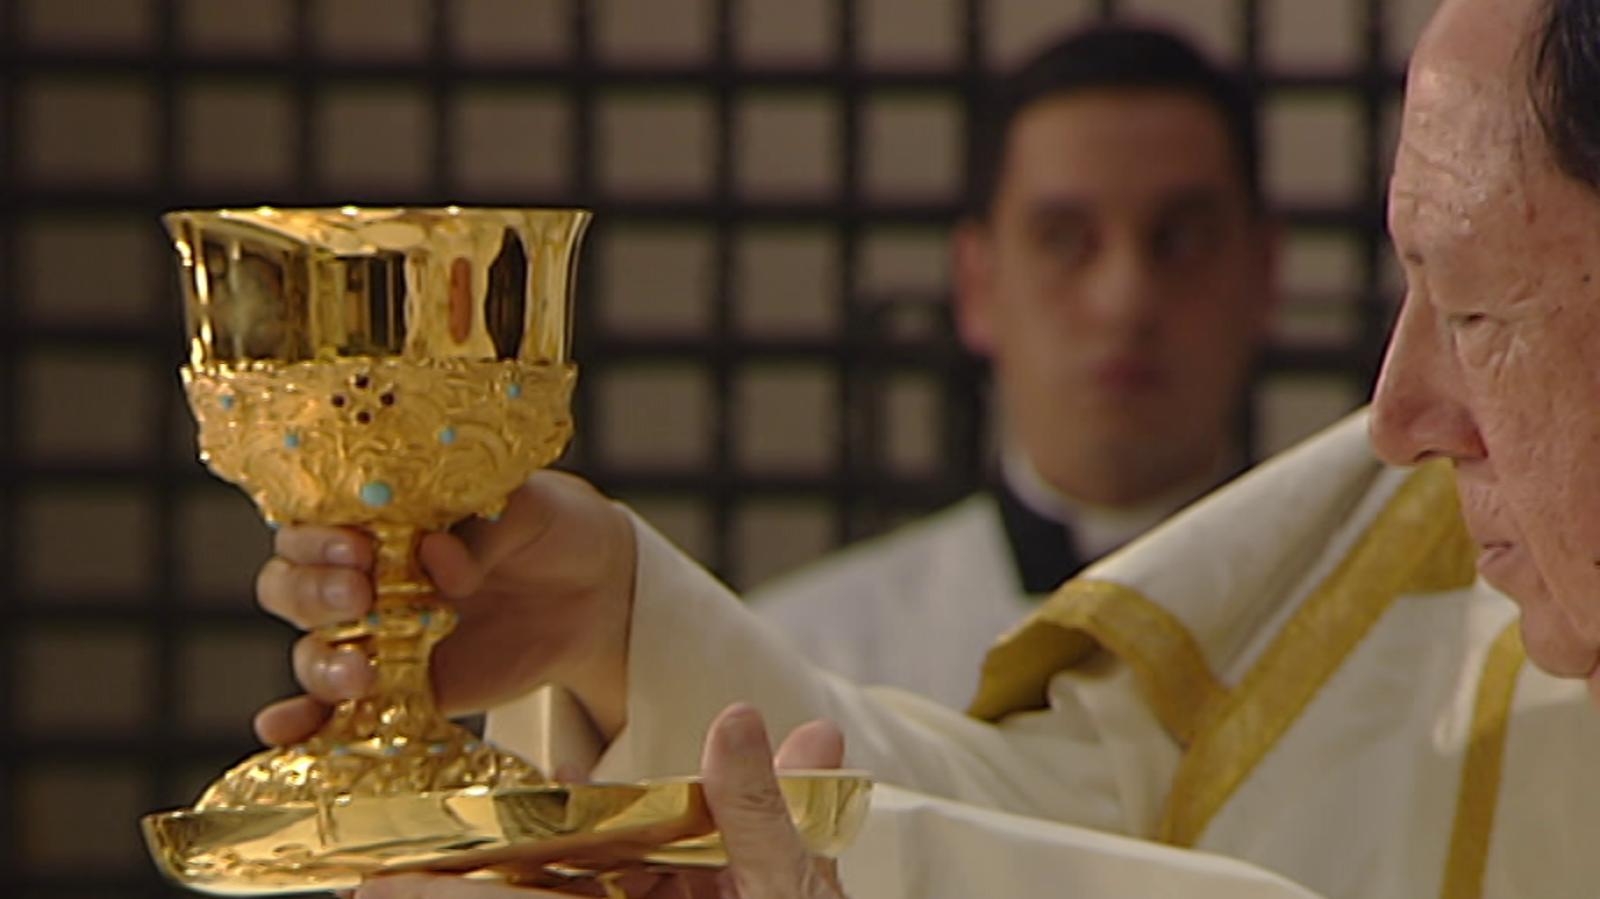 Semana Santa 2019 - Triduo pascual - Jueves Santo - ver ahora